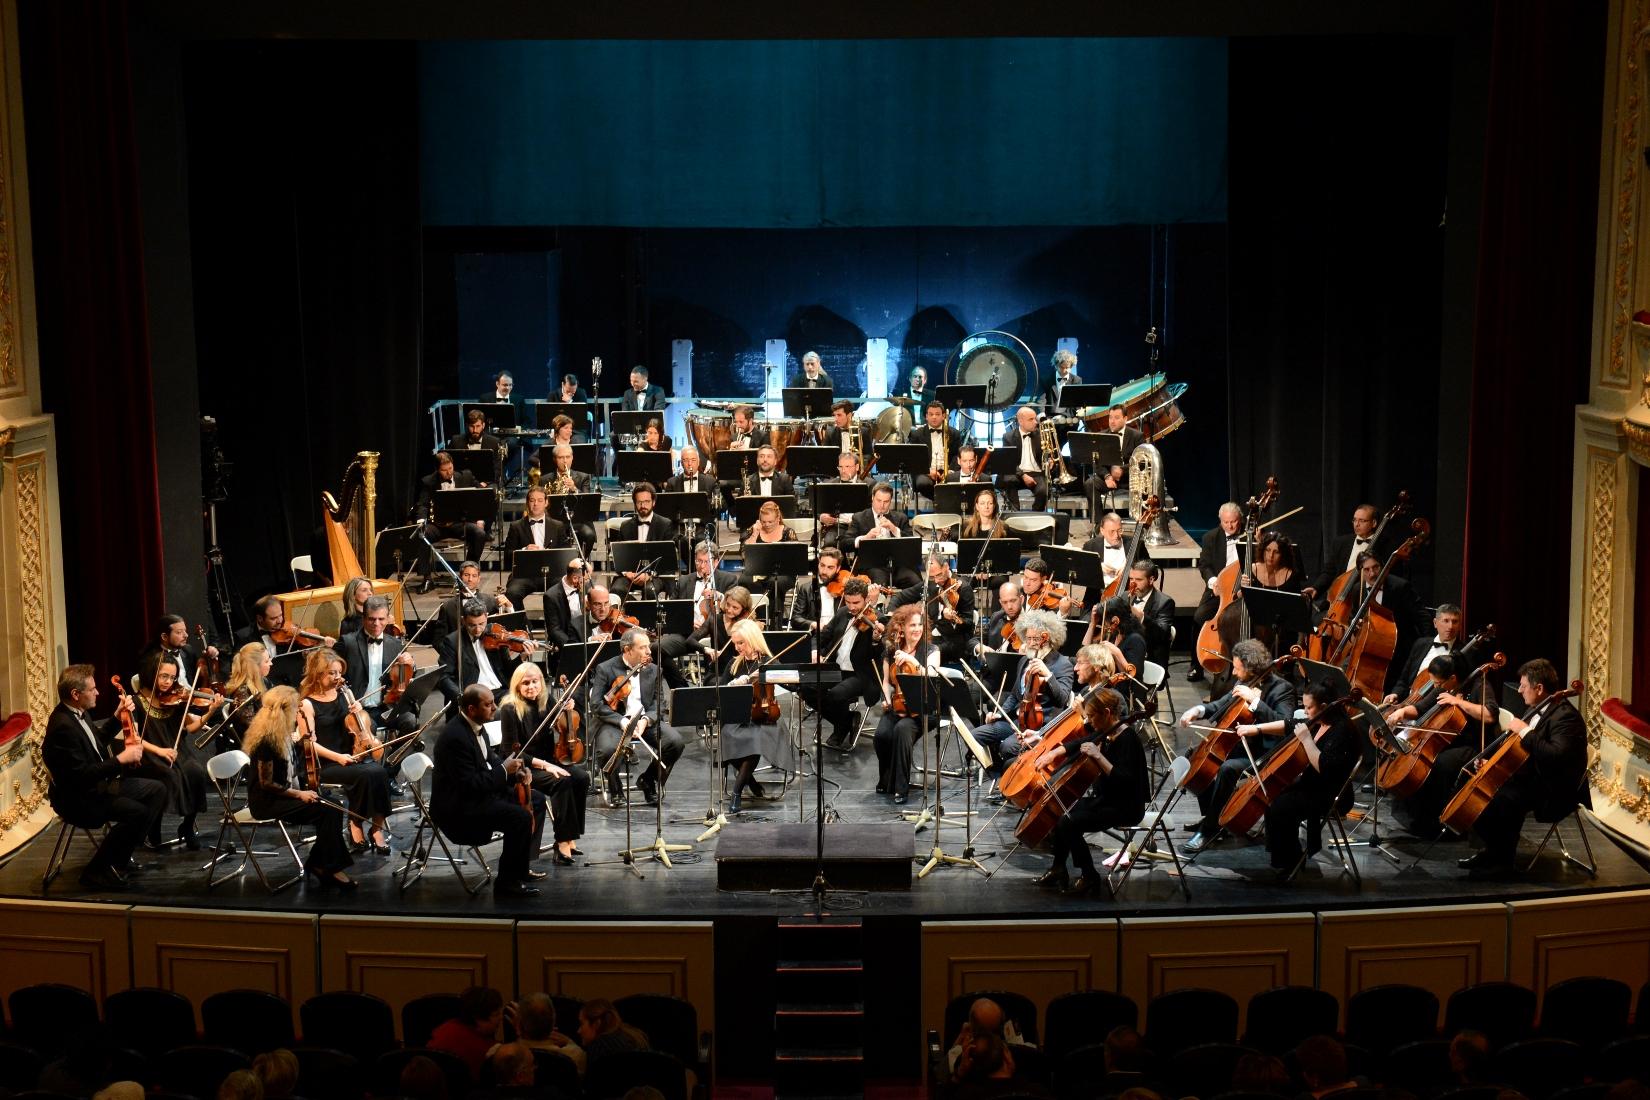 Συμμετοχή της Εθνικής Συμφωνικής Ορχήστρας σε συναυλία για τον Σύλλογο «ΕΛΠΙΔΑ» | tlife.gr